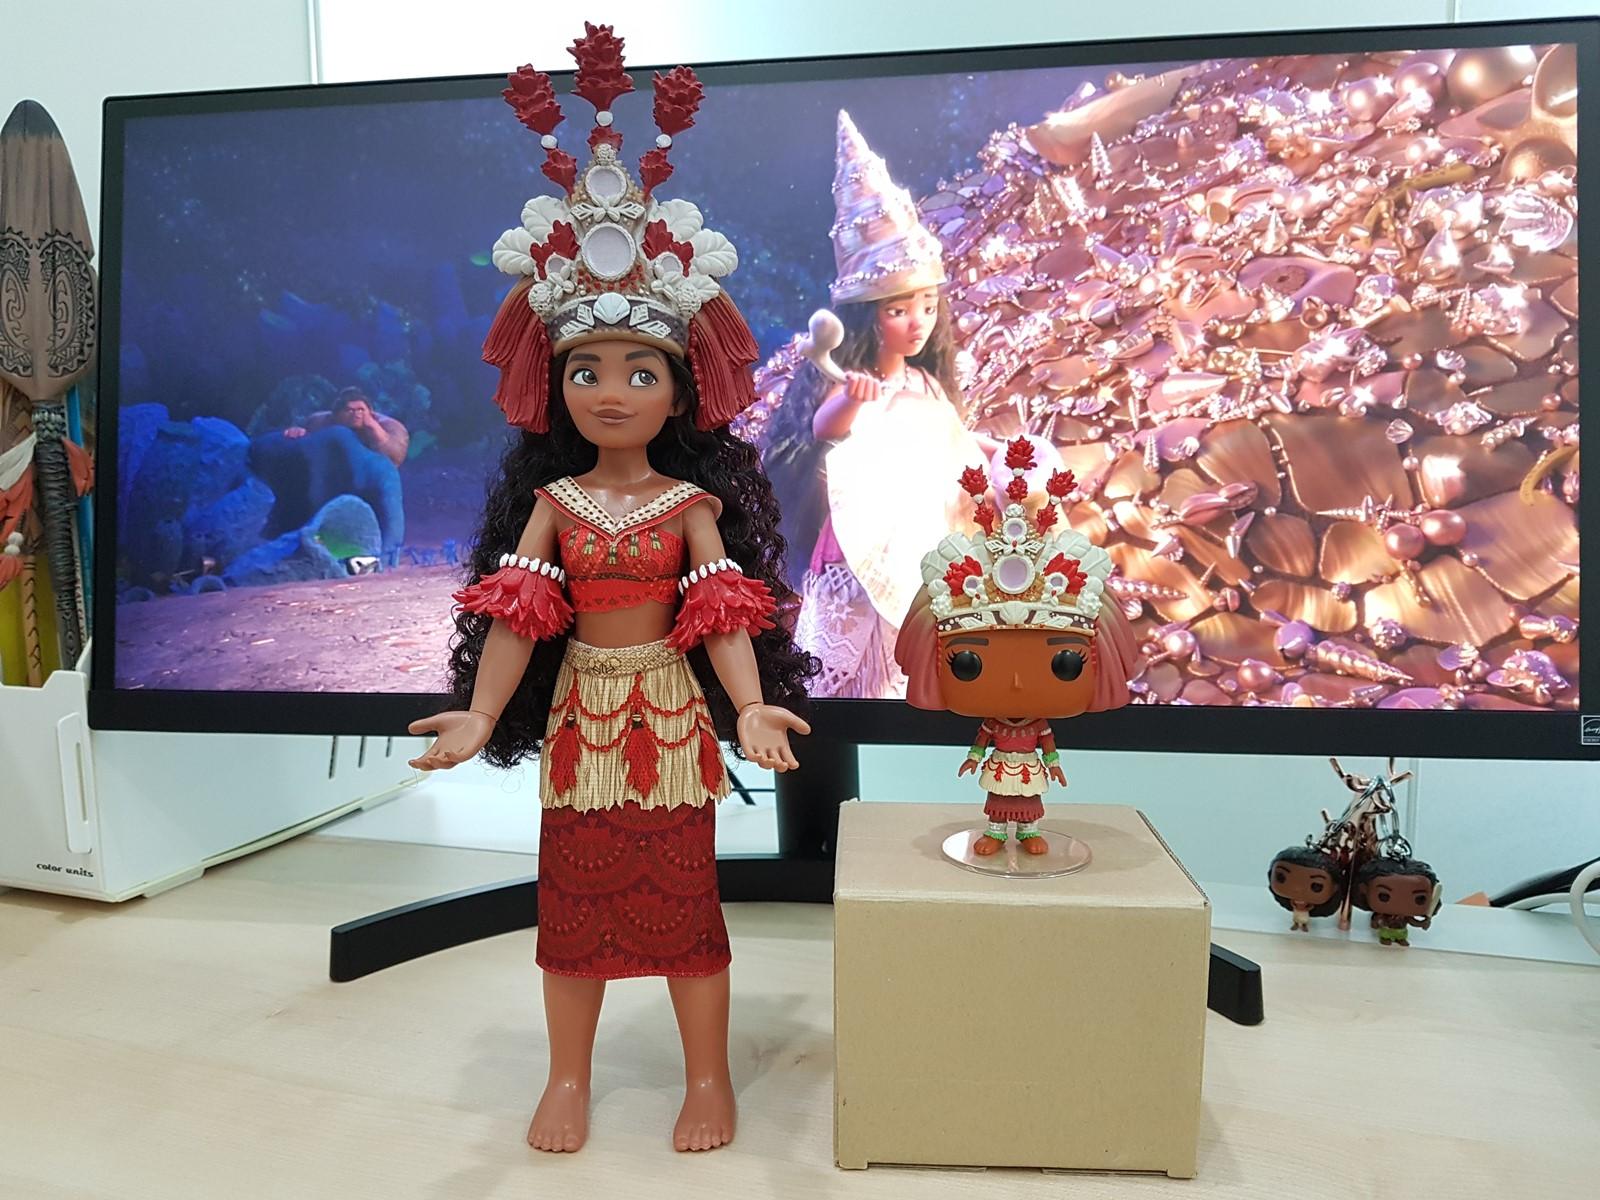 왼쪽: 샵디즈니 싱잉돌, 오른쪽: 펀코팝 예복 모아나